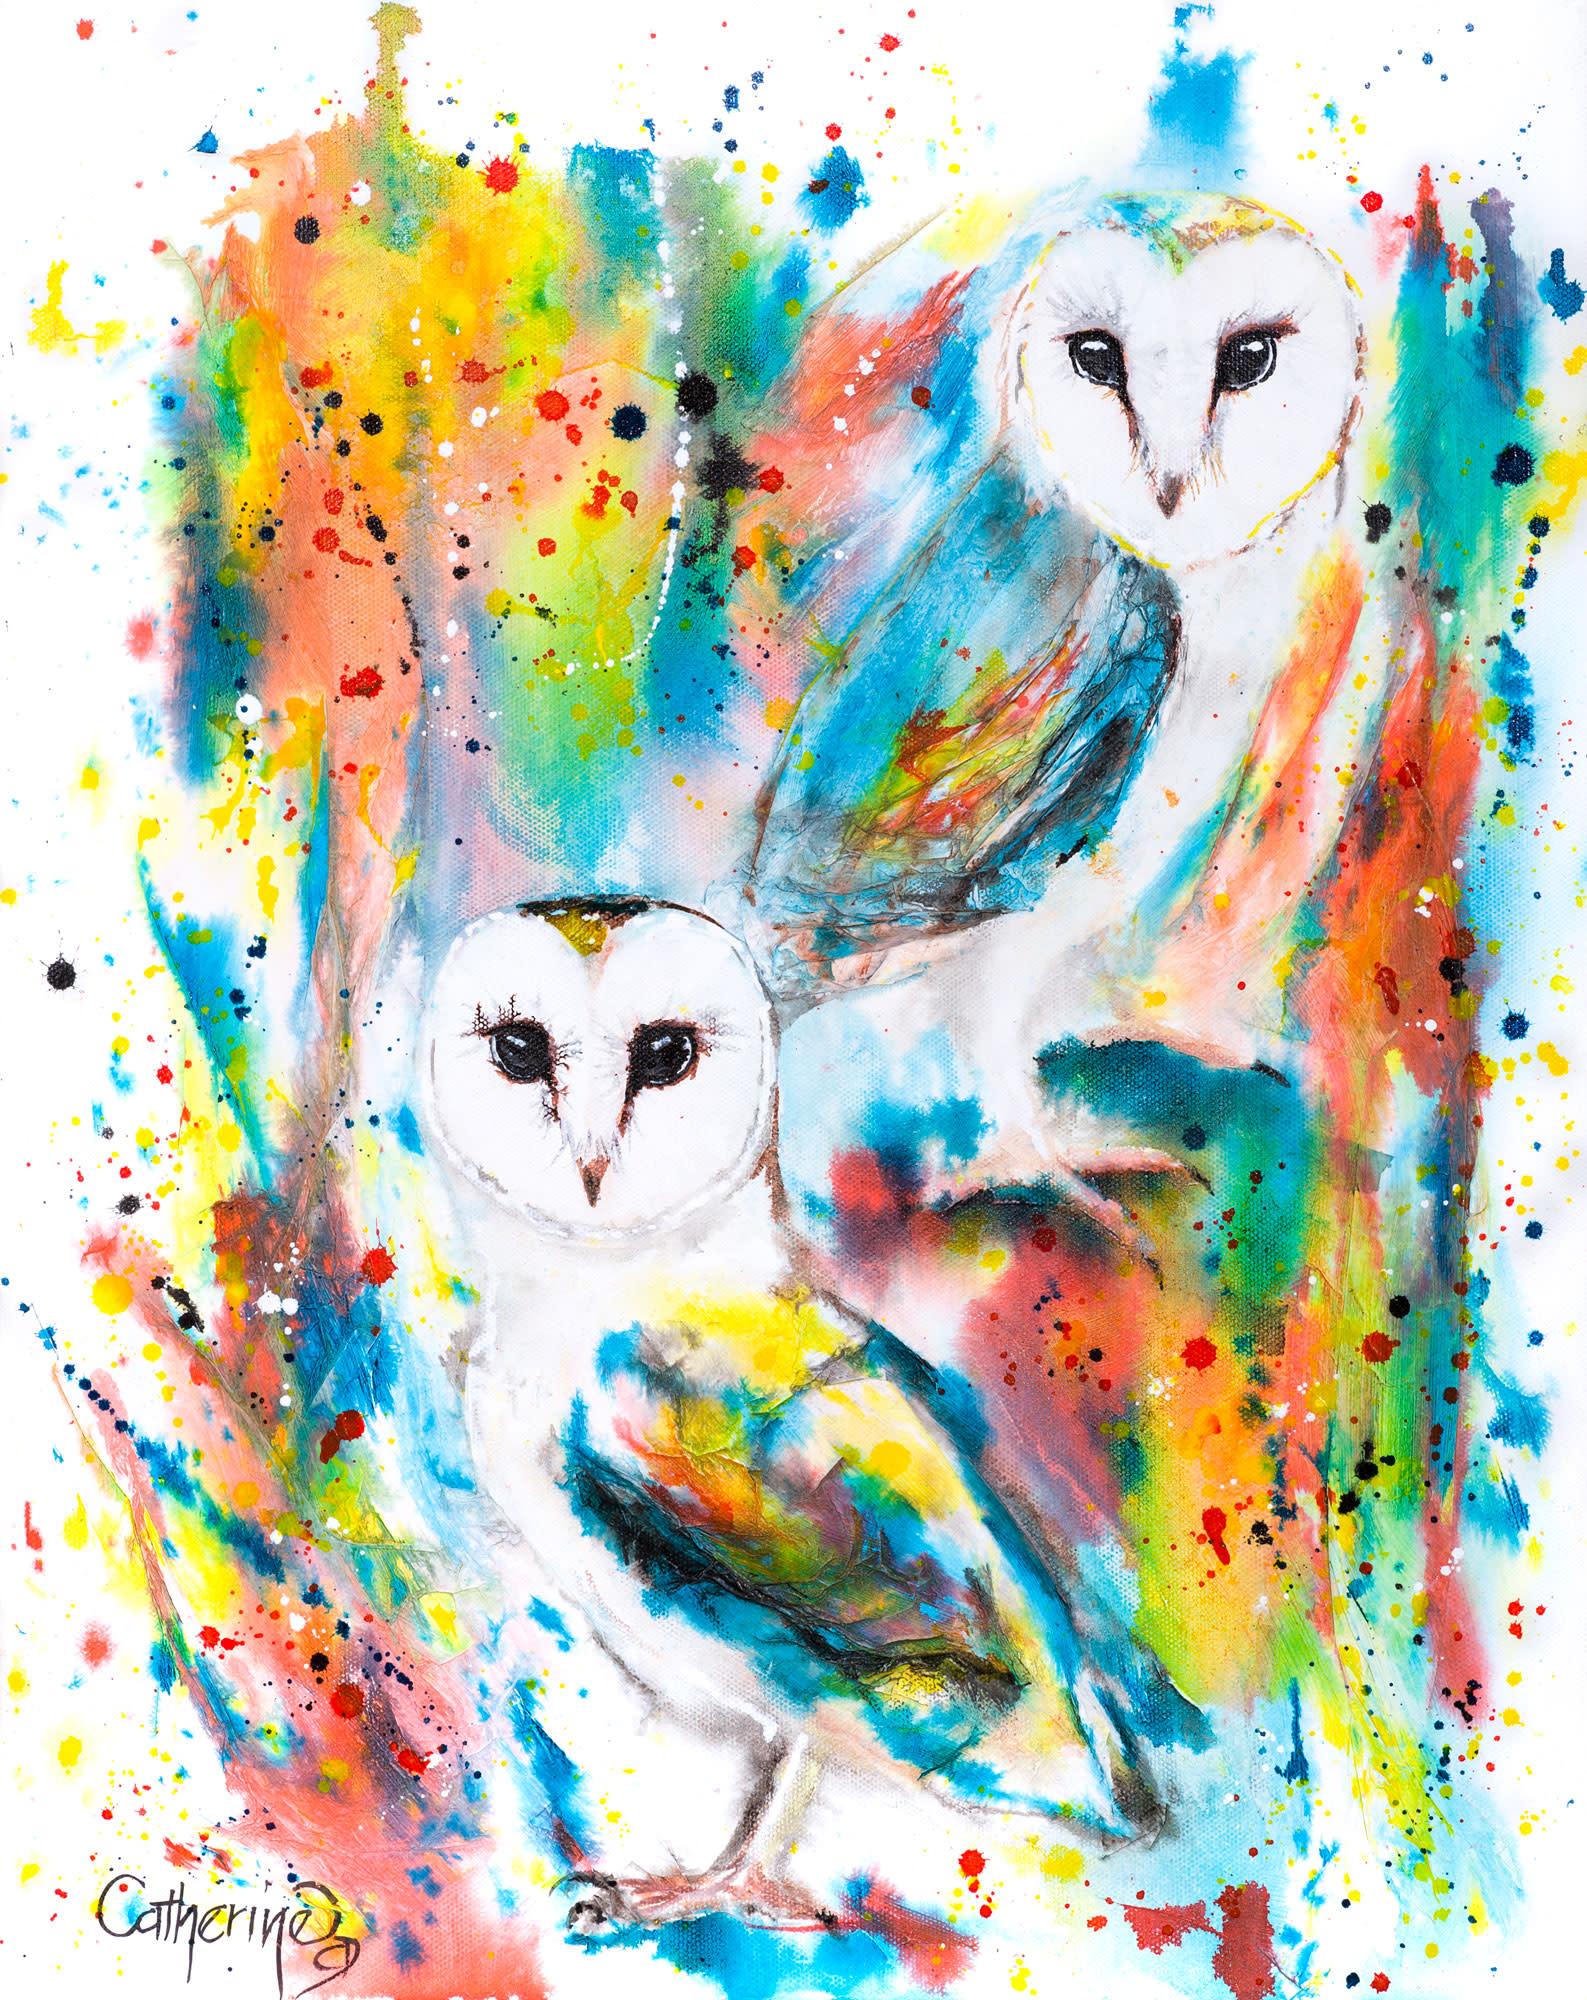 C clark dowden 016 owls 1 ygwkif